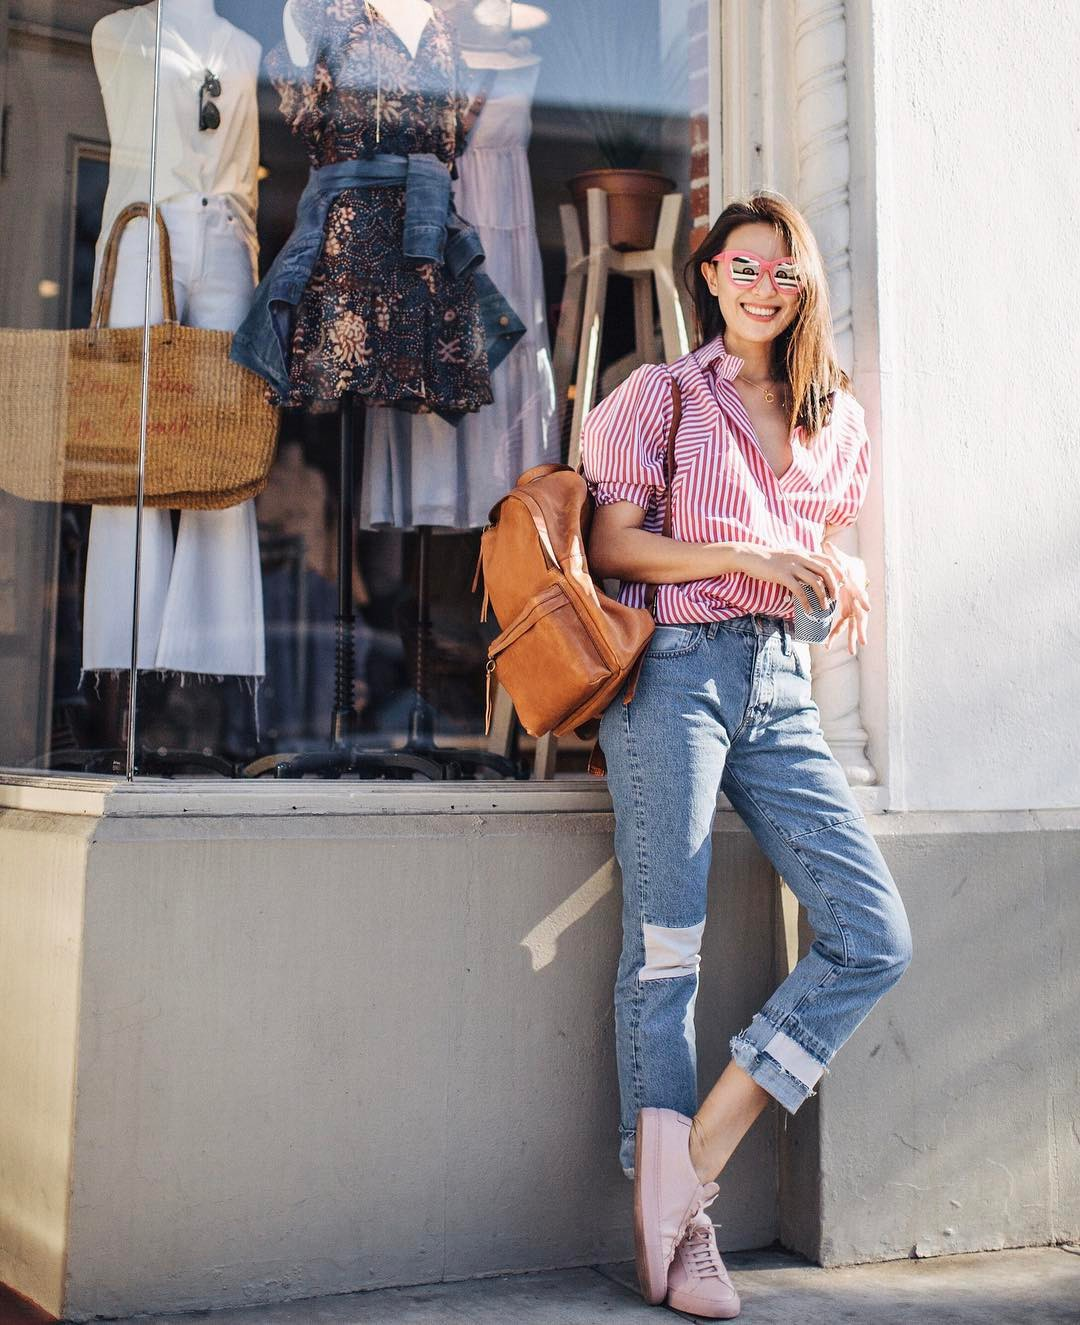 """Dù thời trang có xoay vòng thế nào, áo sơ mi vẫn là item """"hot bền vững"""" trong lòng mọi quý cô công sở - Ảnh 4"""